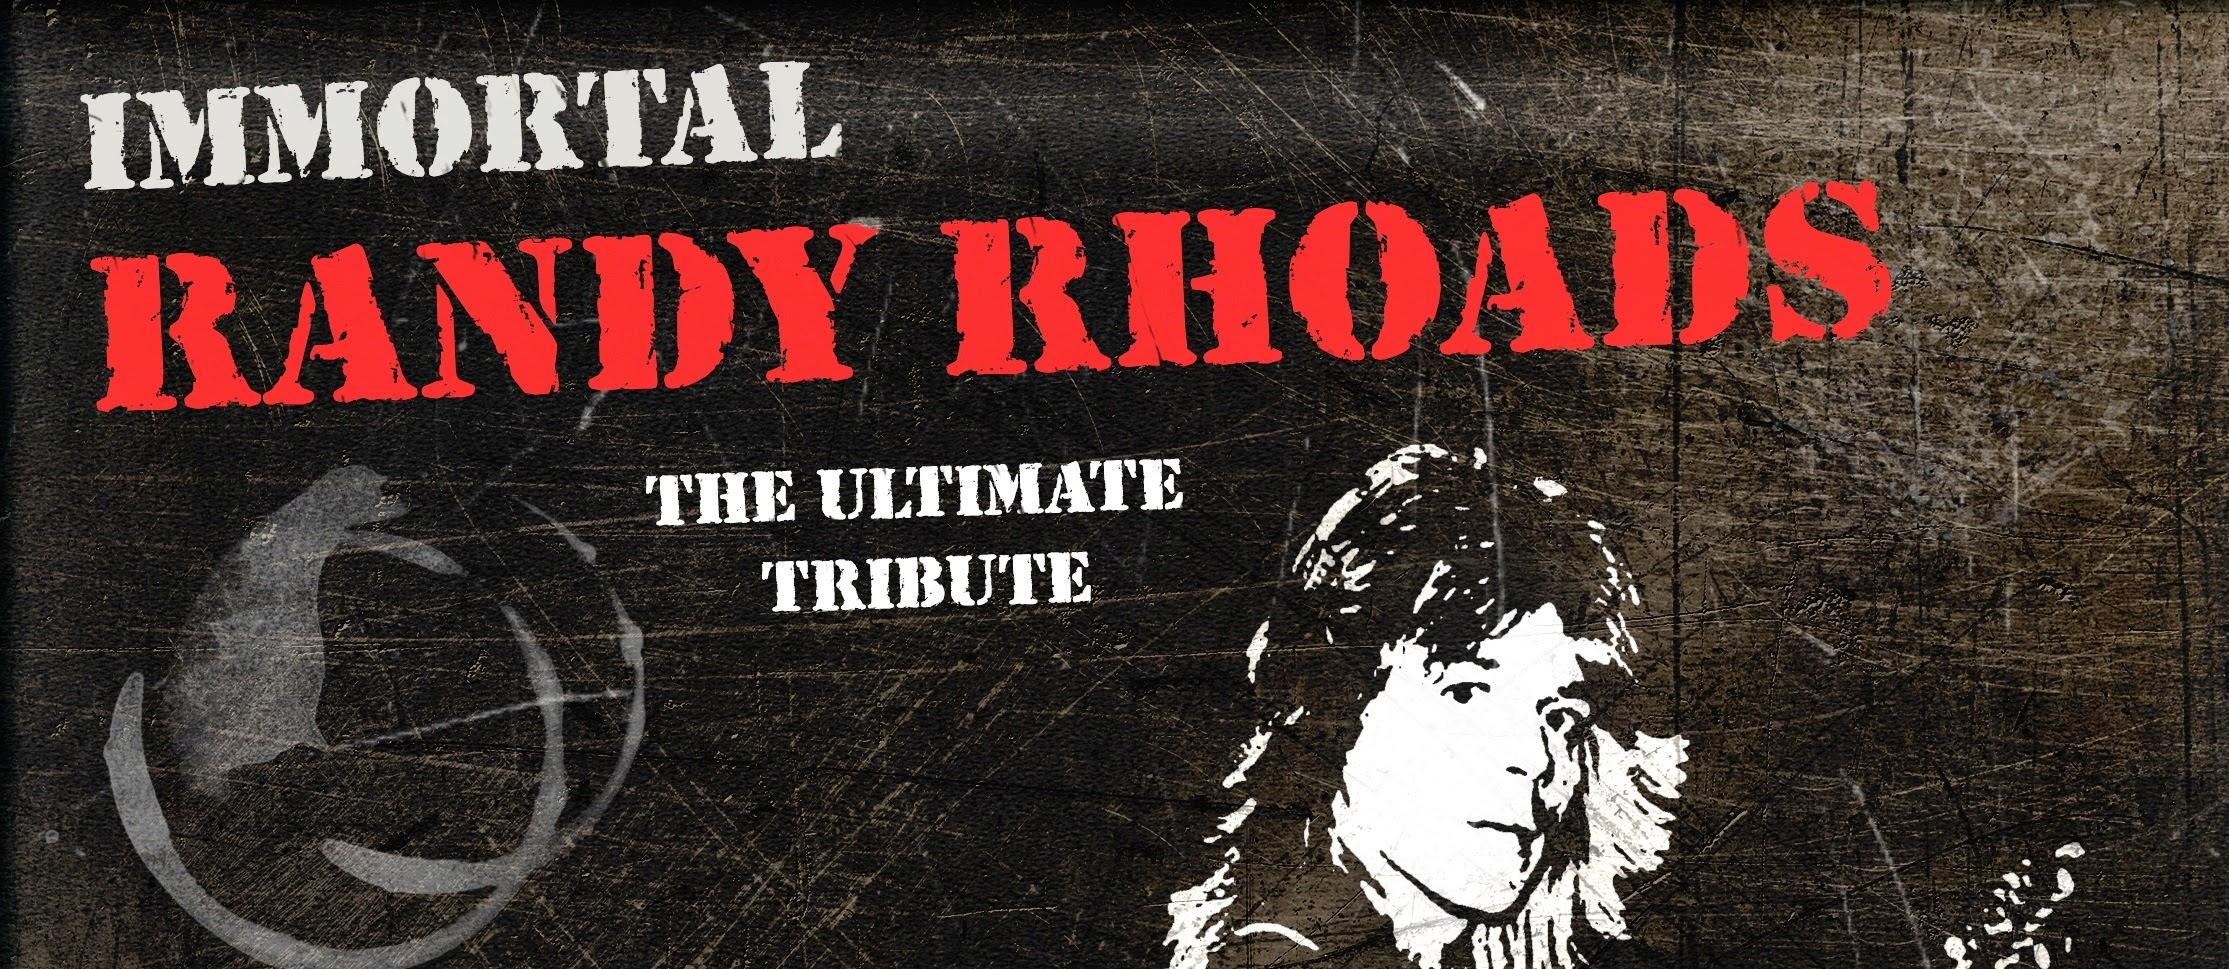 Serj Tankian vai participar de álbum em tributo ao Randy Rhoads